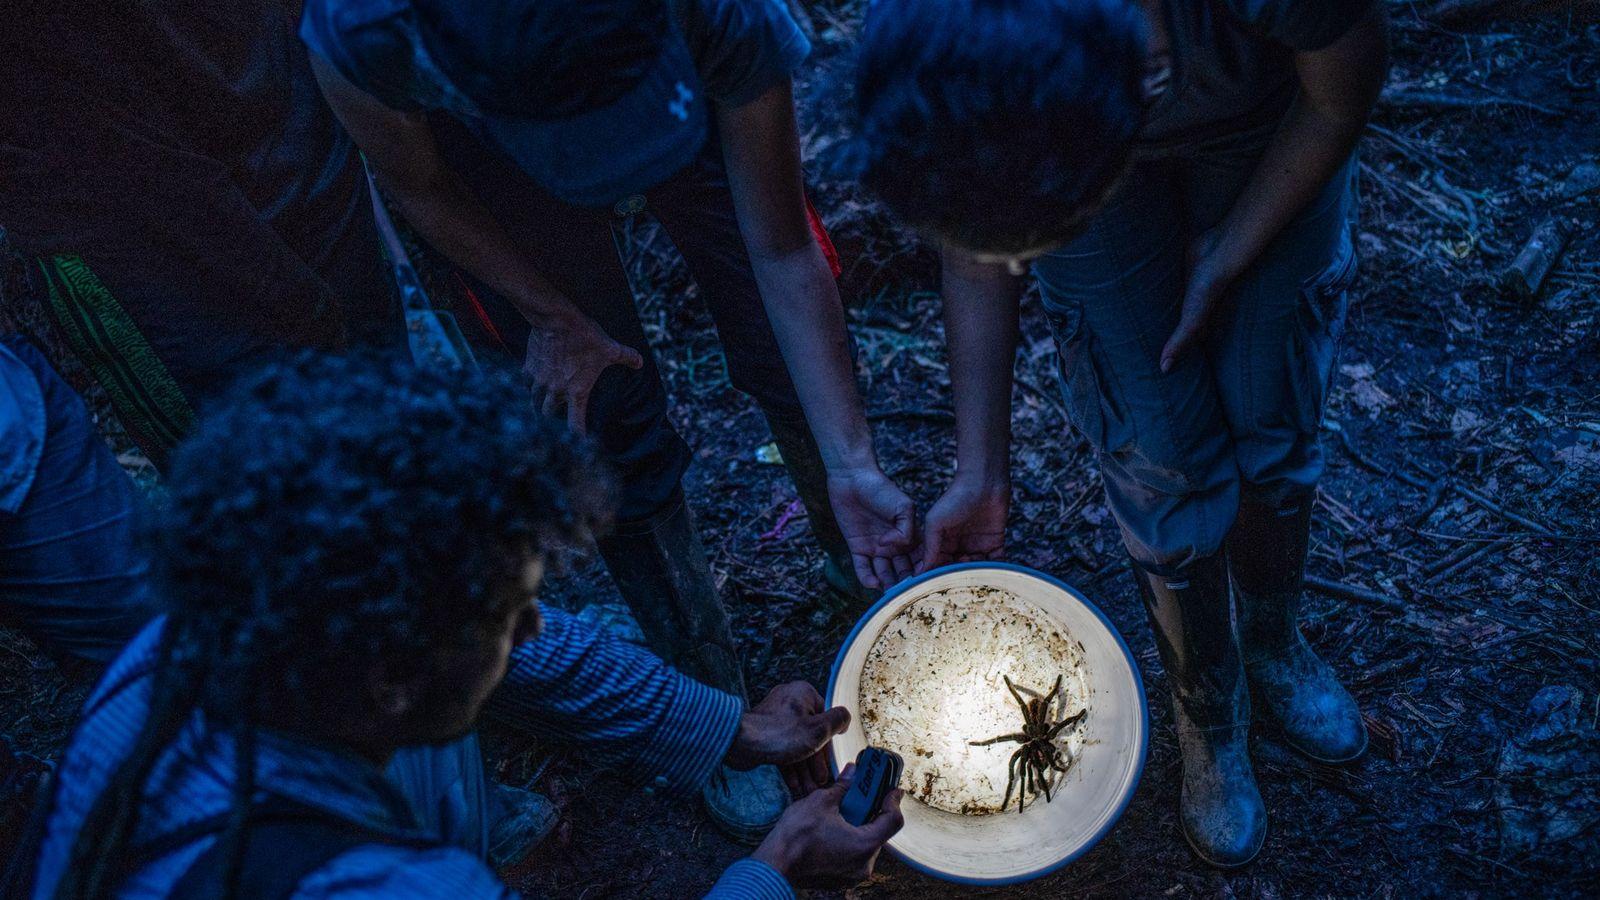 Biólogos examinam uma espécie de tarântula colombiana que encontraram, a Xenesthis immanis.